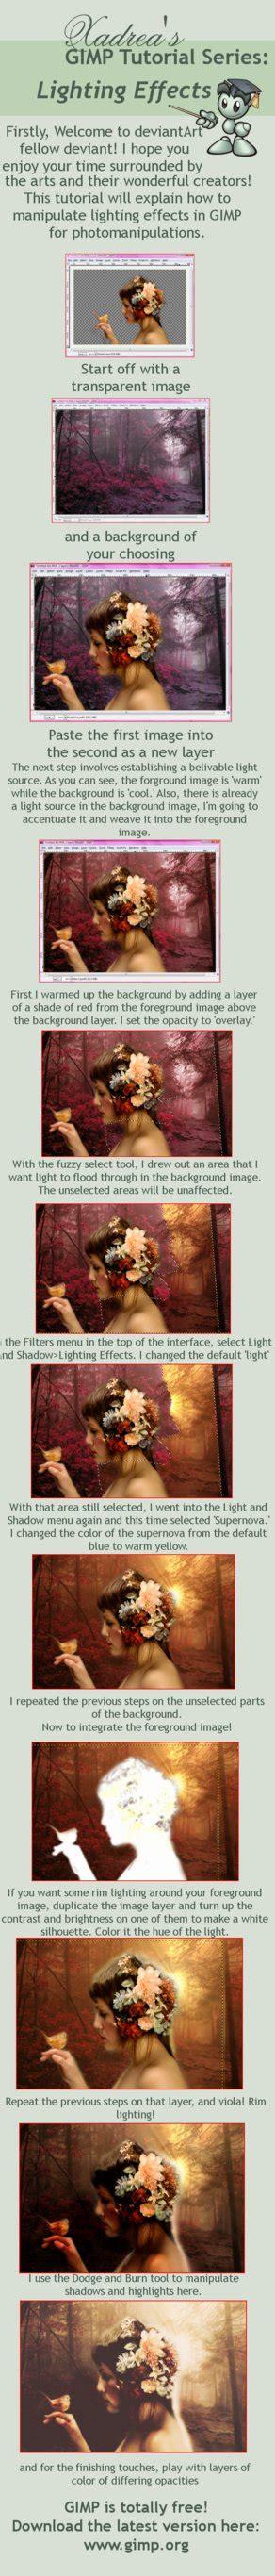 newsprint effect basics gimp by tgfcoder on deviantart gimp tutorial lighting effects by xadrea on deviantart